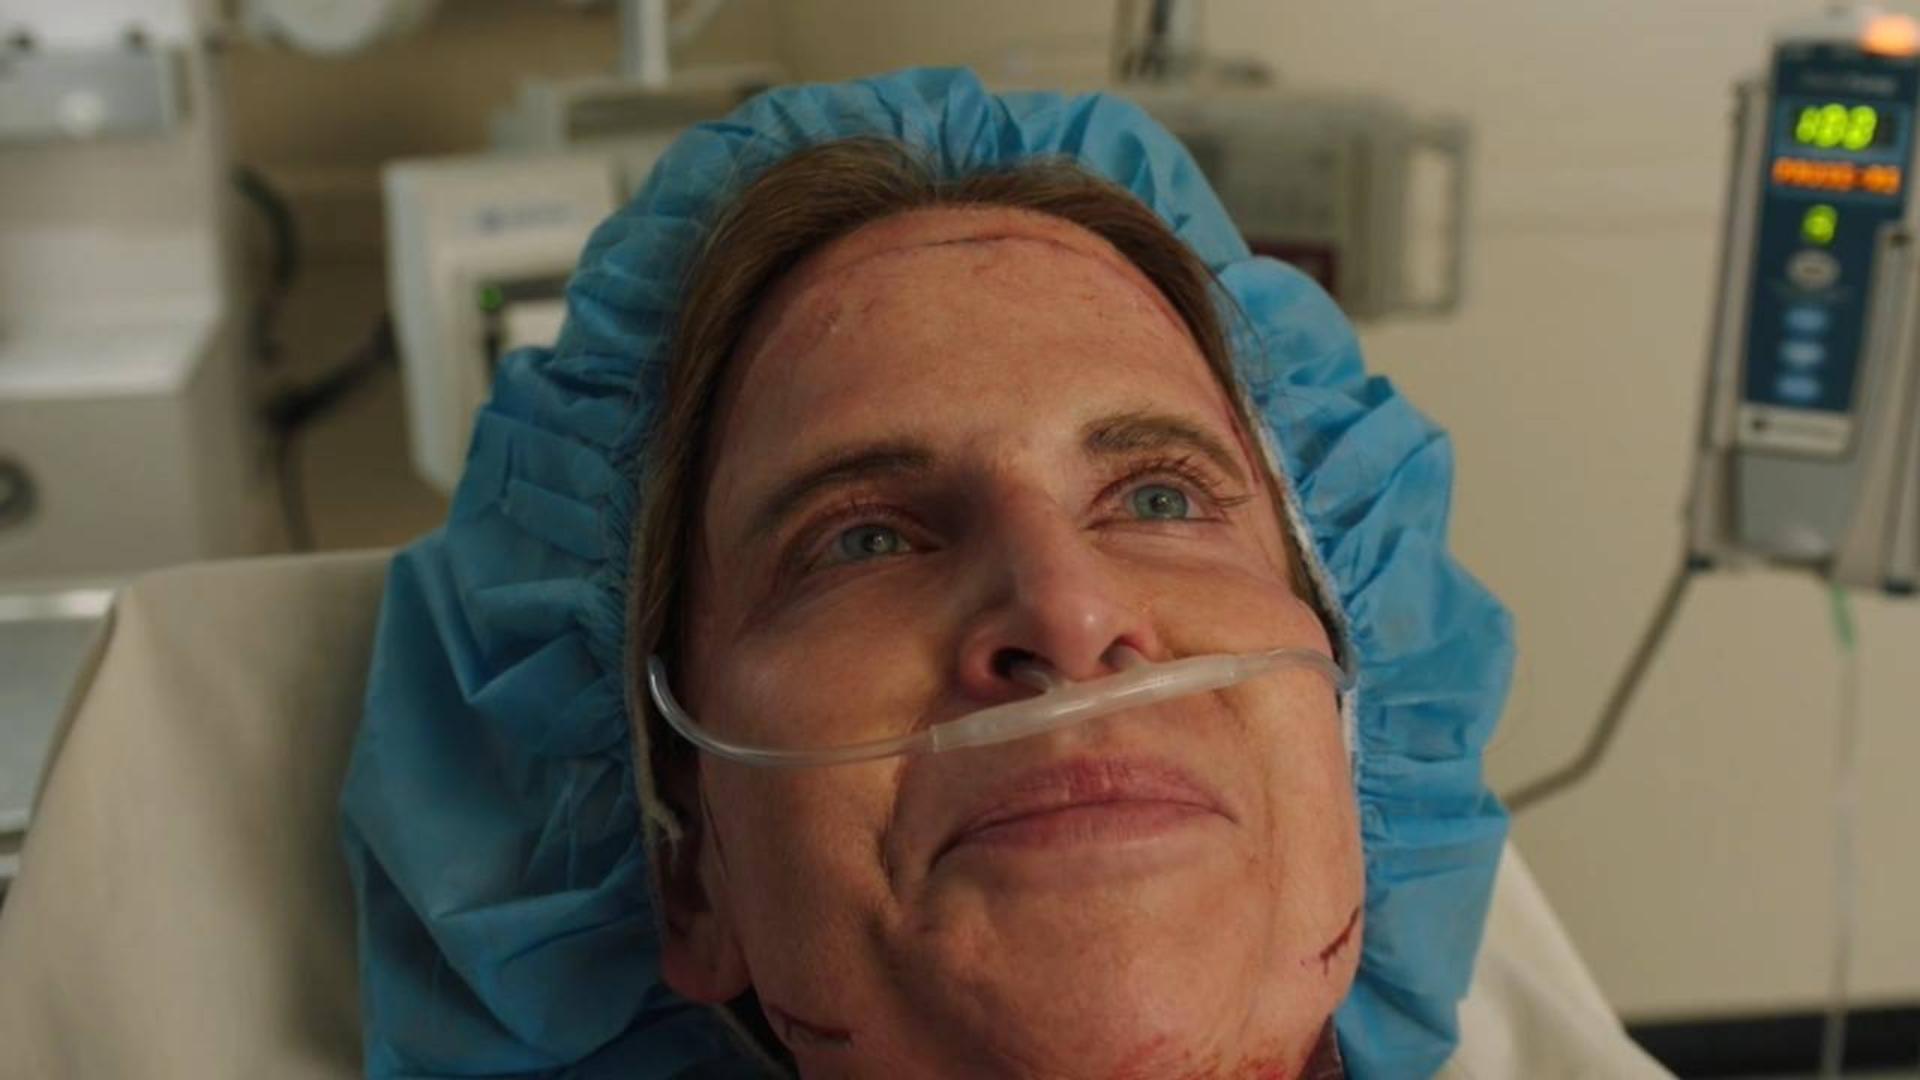 女子去整容,醒来发现医生都晕了,手术刚做到一半……《紧急呼救S2-11》